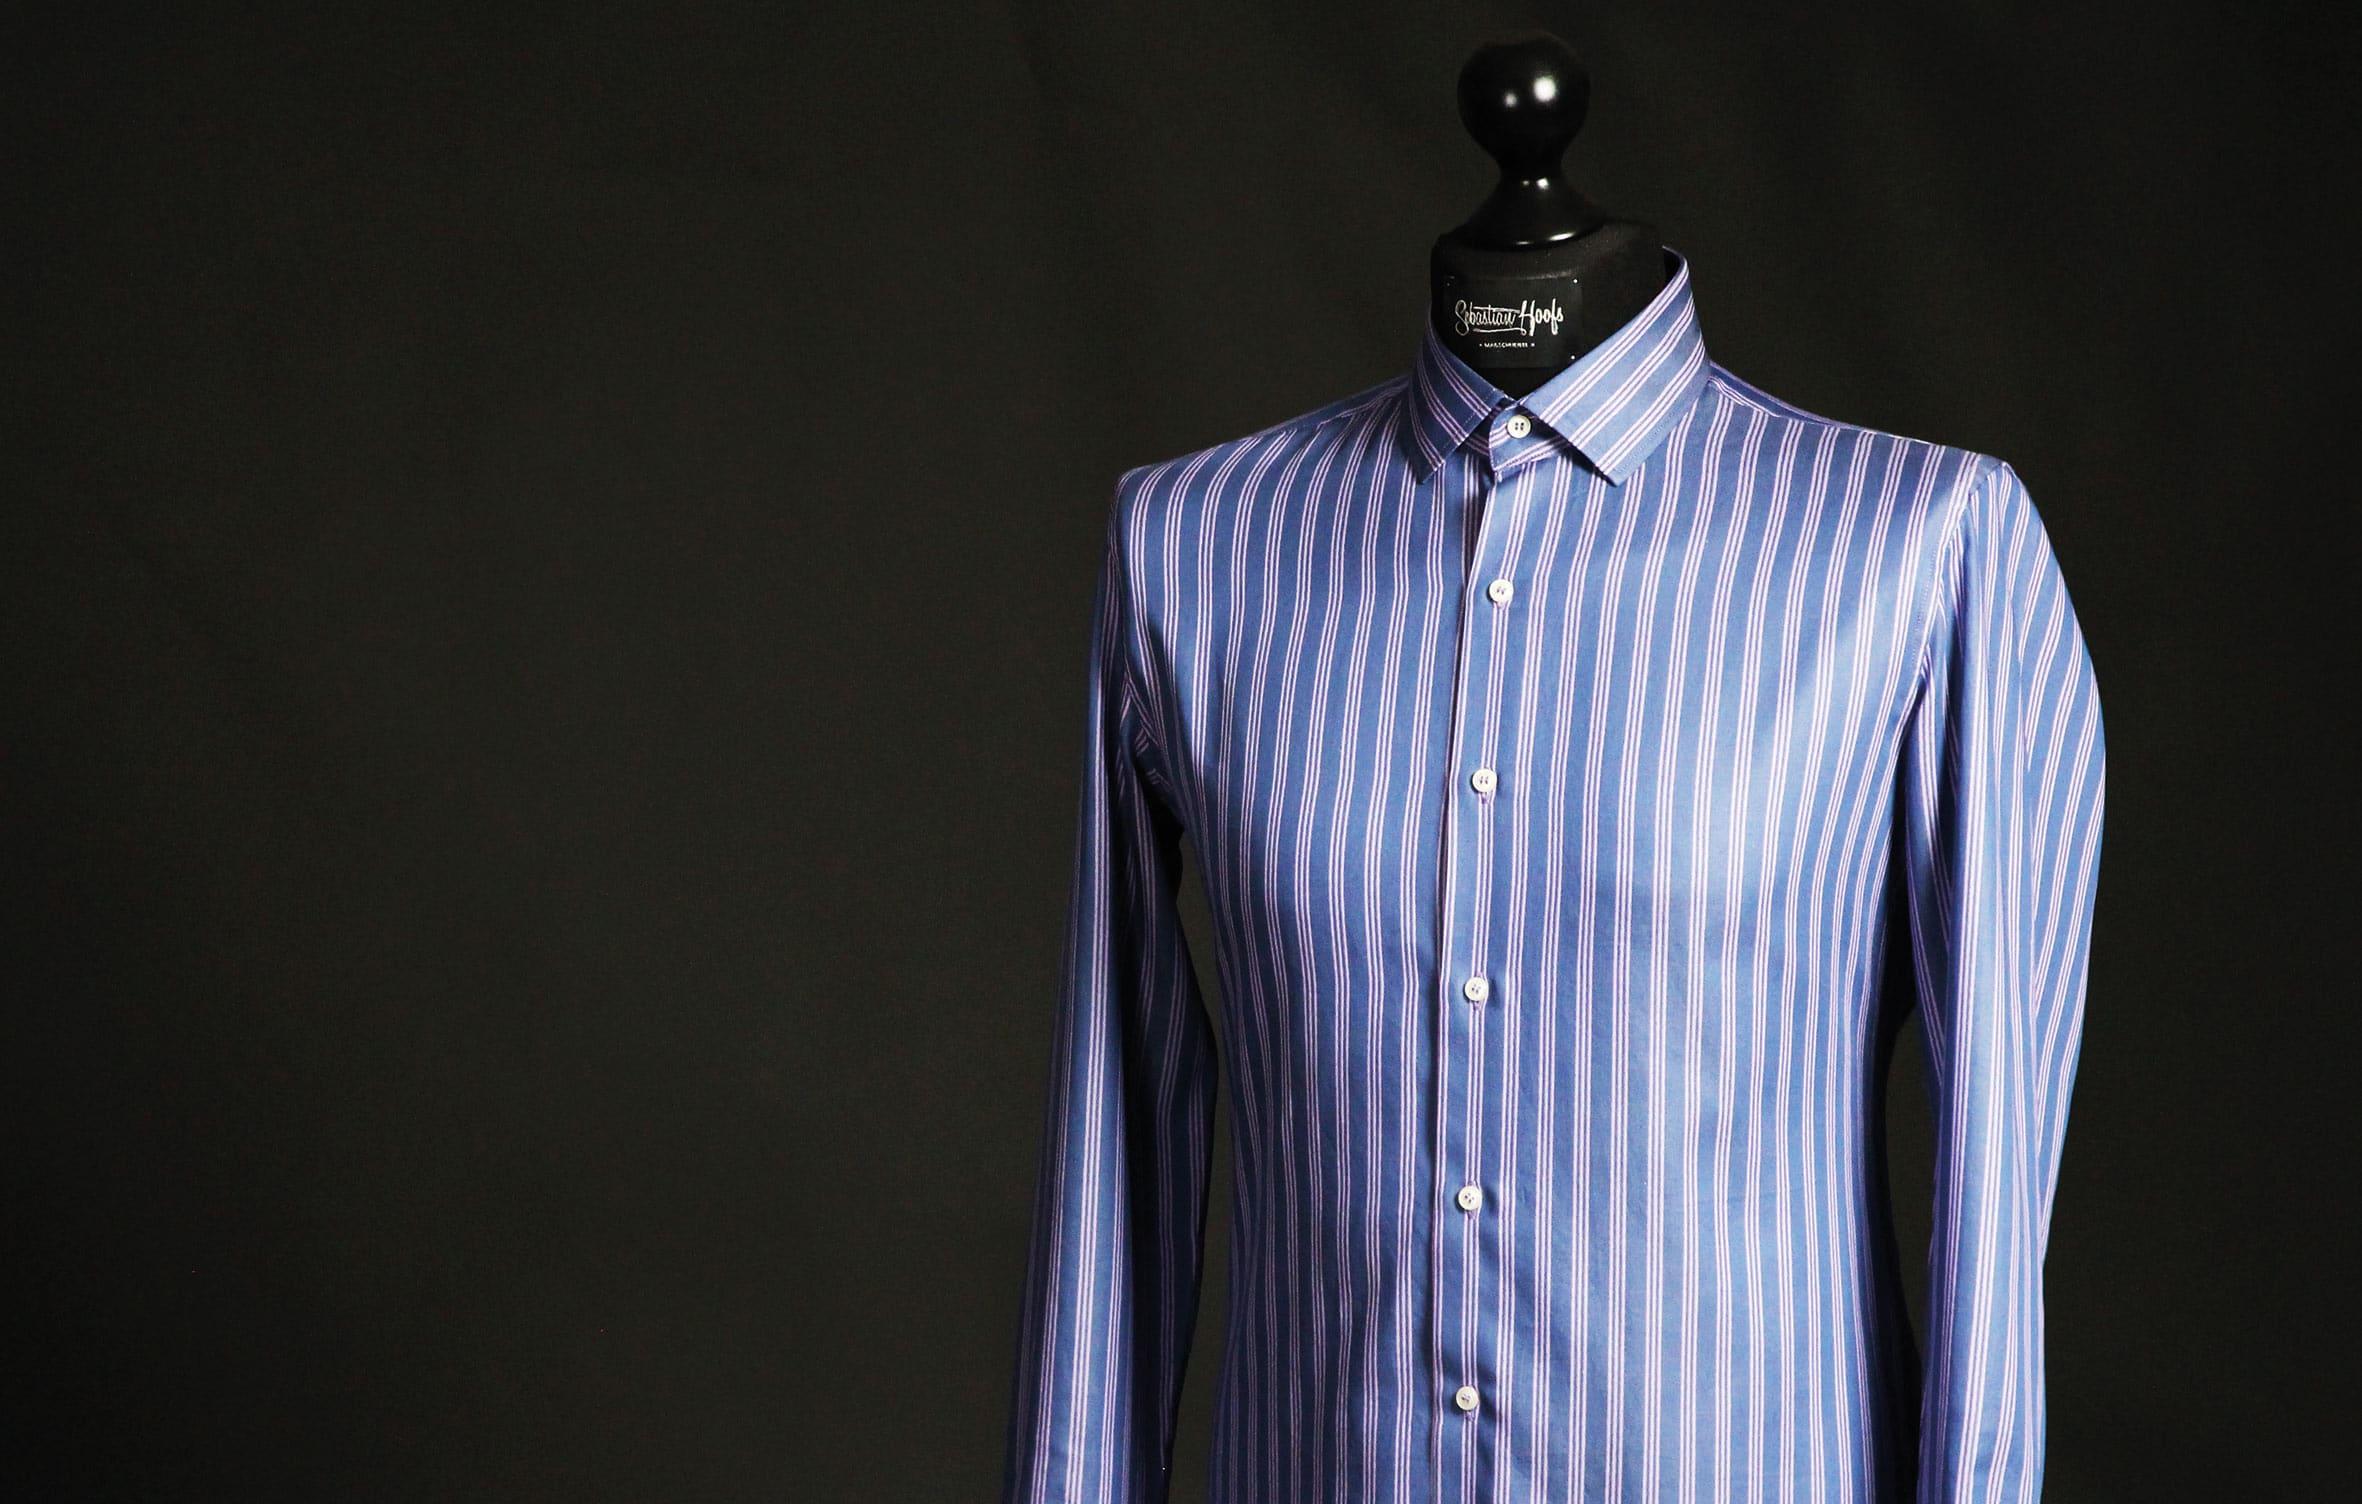 Das Foto zeigt das fertige Hemd. Die Verarbeitung des Hemdkragens ist abgeschlossen.